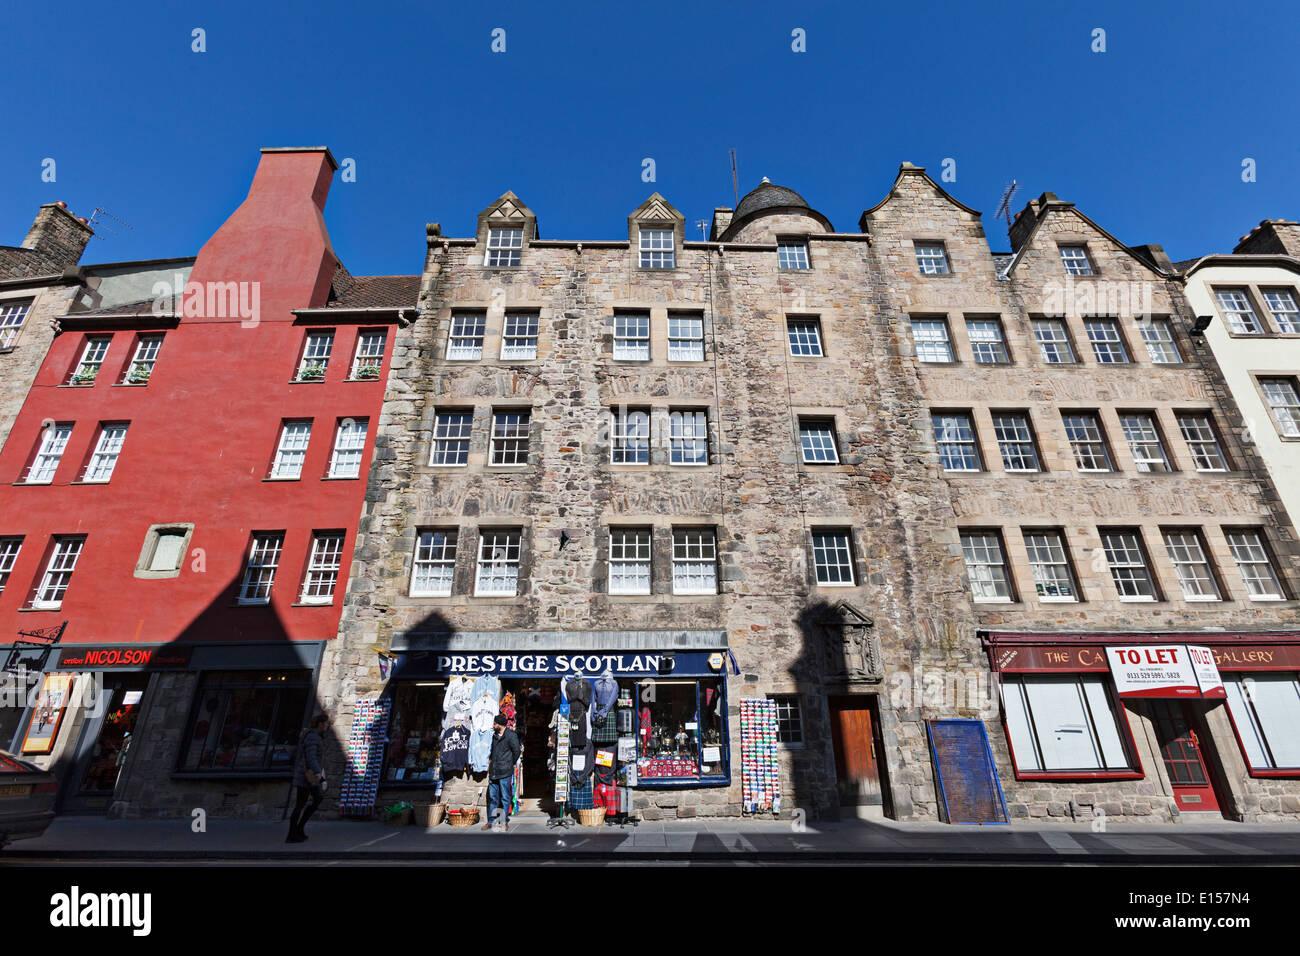 La arquitectura tradicional escocesa y una tienda de regalos en el Royal Mile, Edimburgo Imagen De Stock